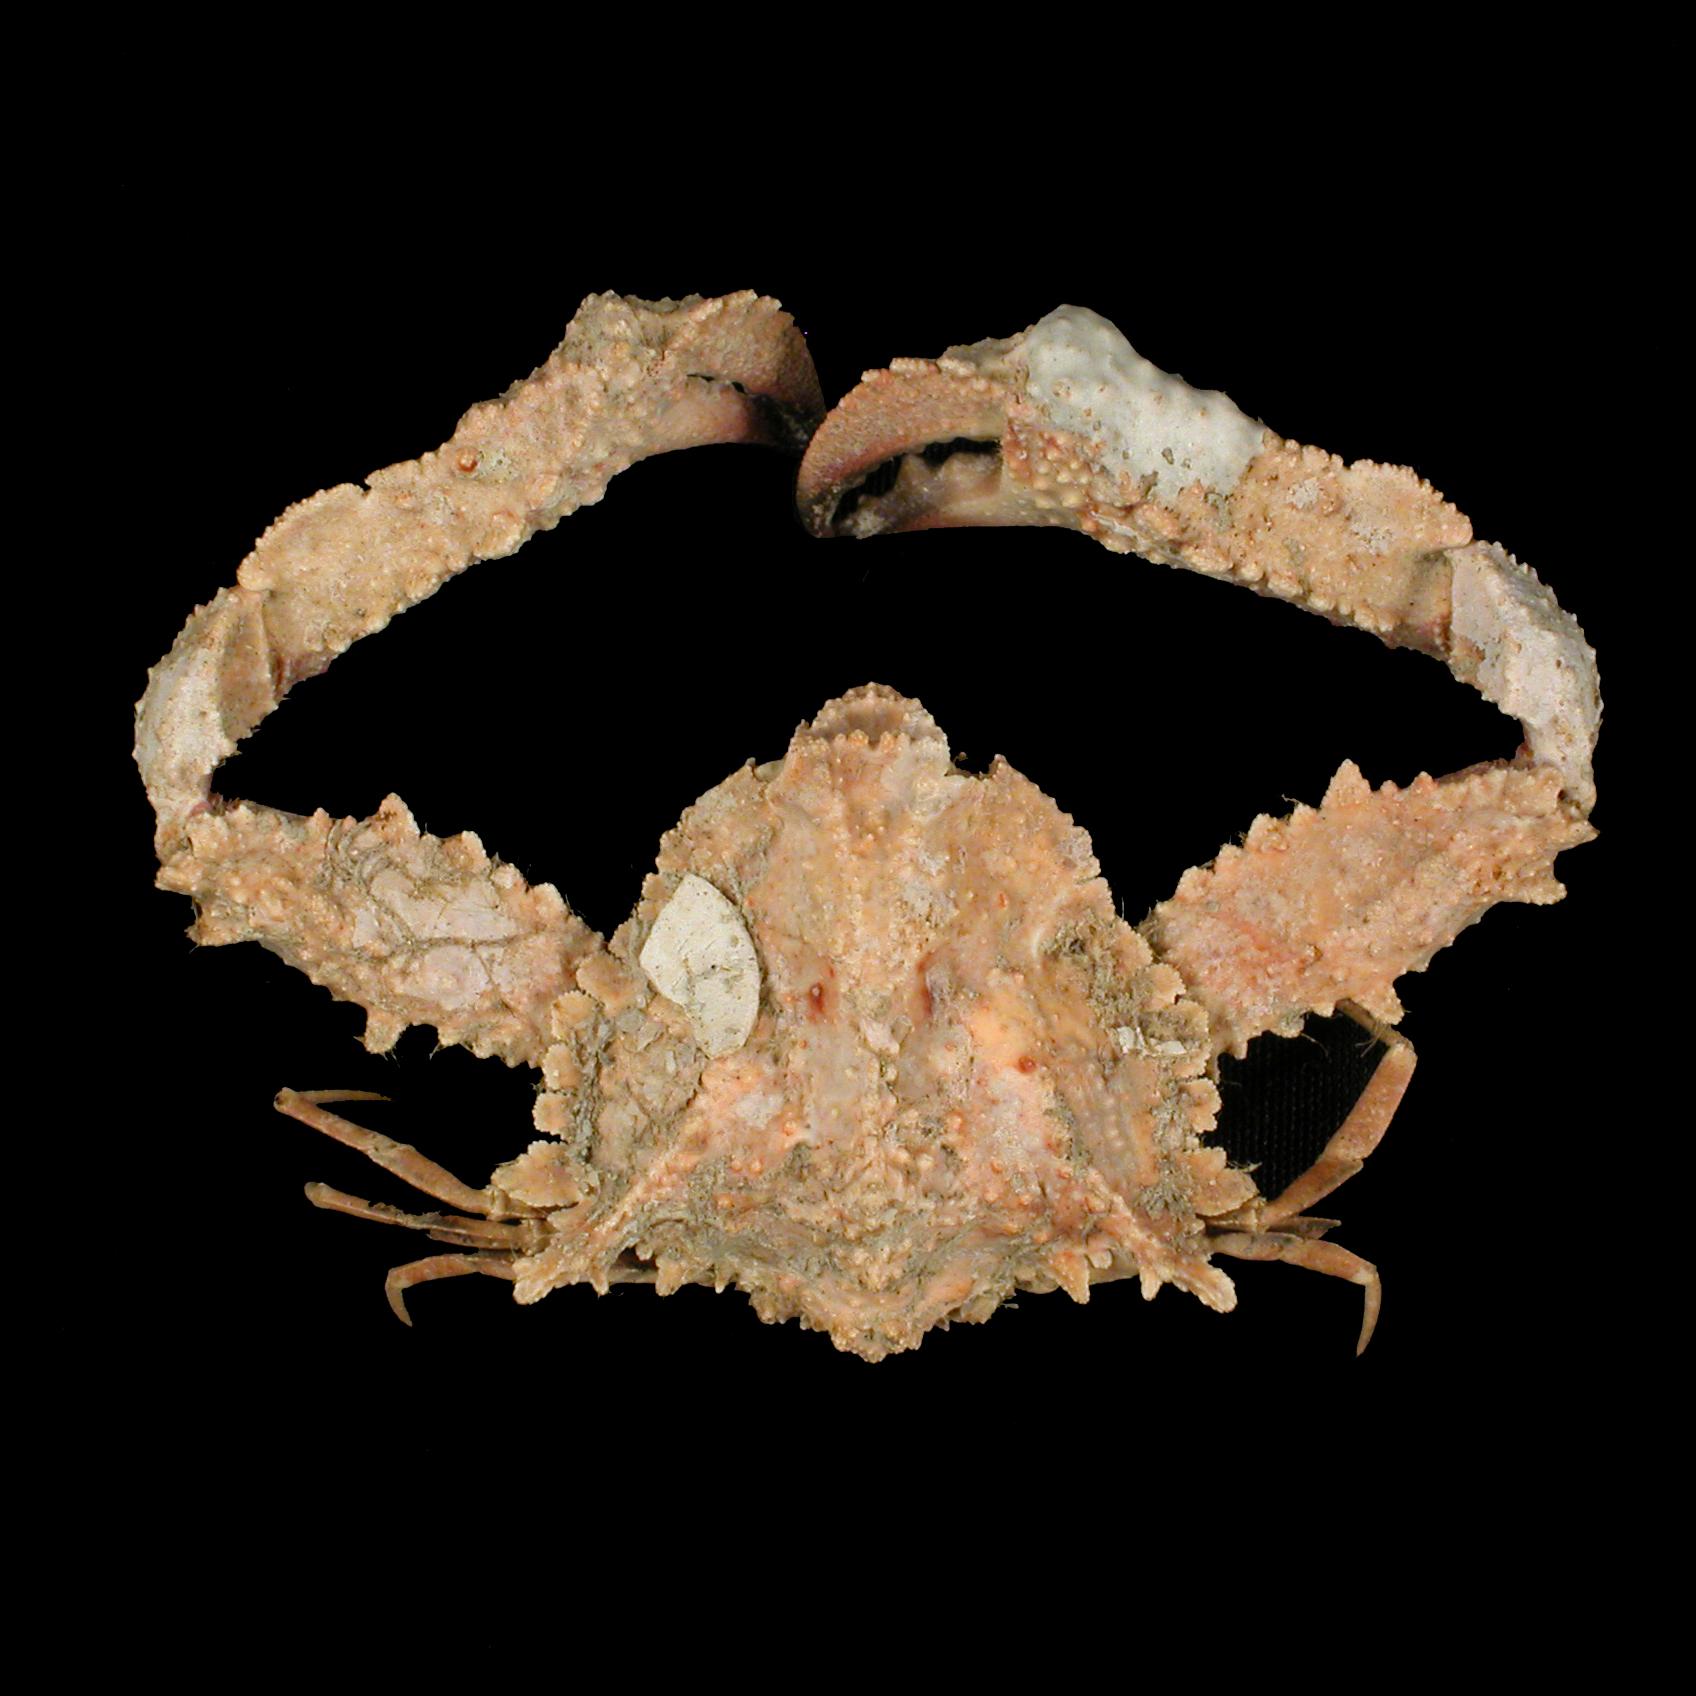 Pseudolambrus